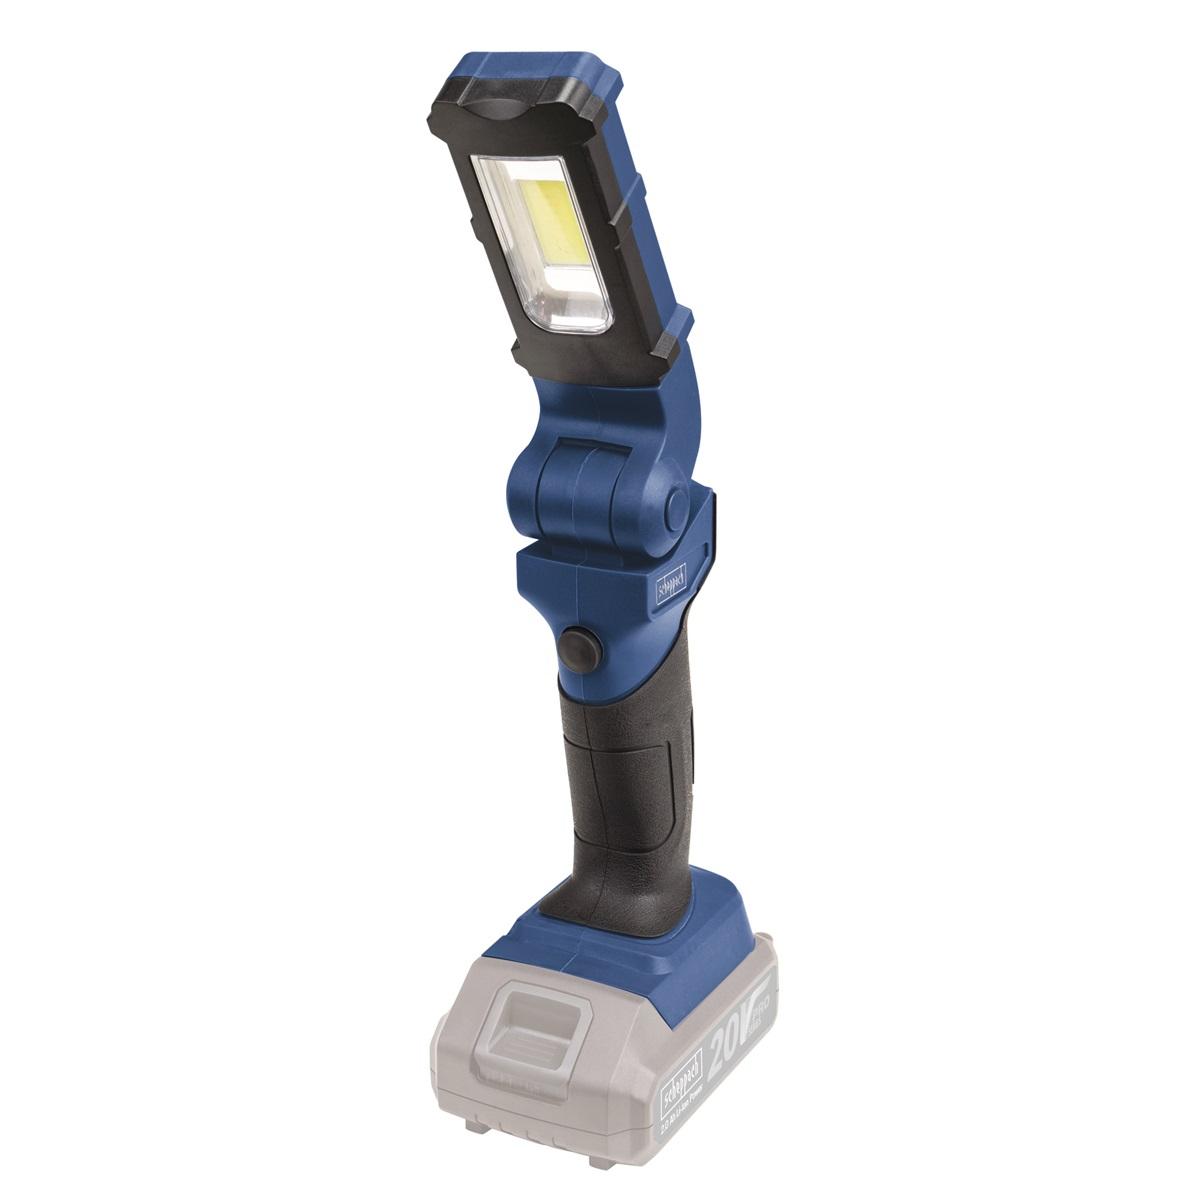 Scheppach CIL270 20 ProS, aku svítilna 20 V